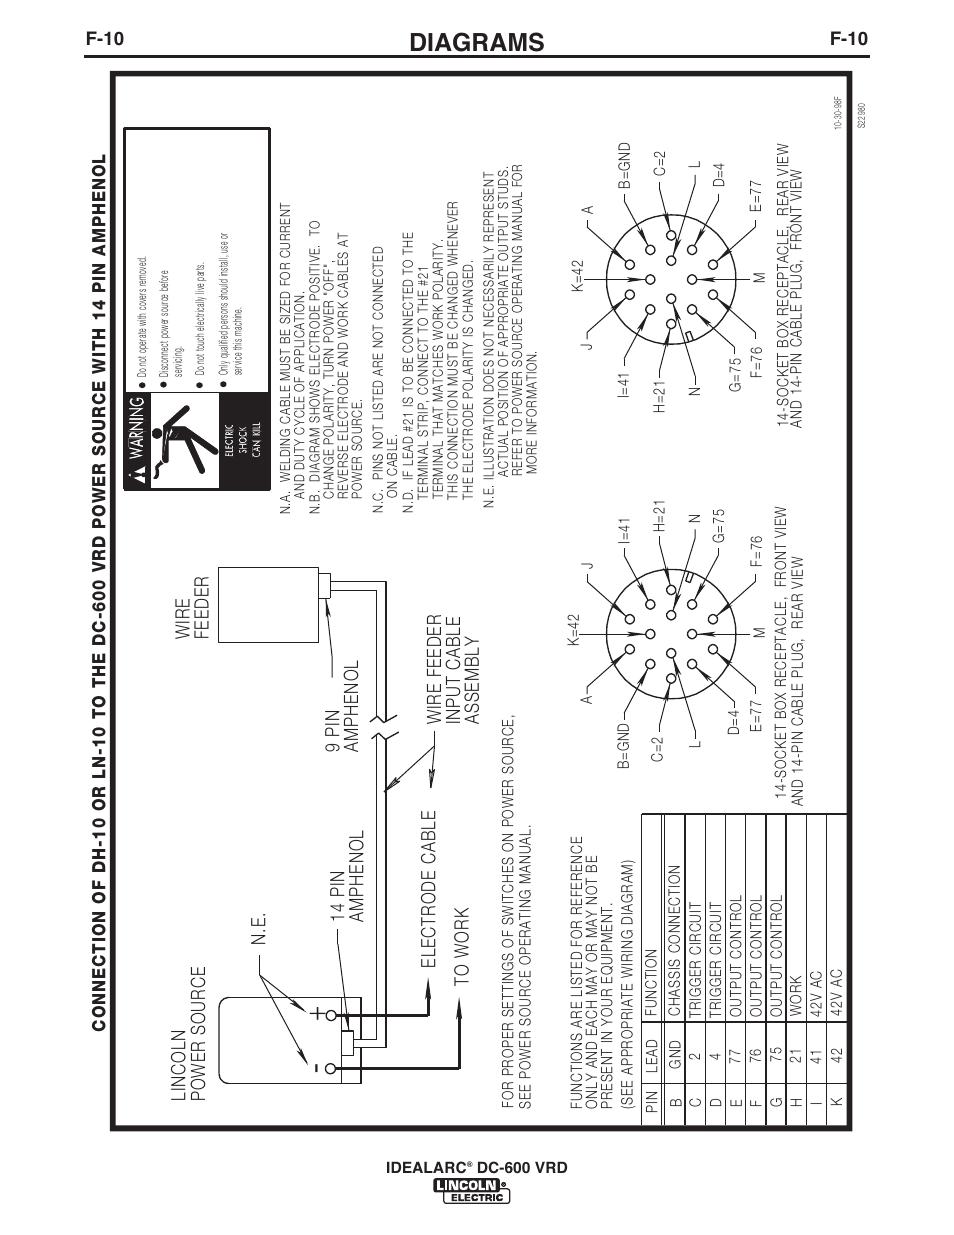 amphenol wiring diagram